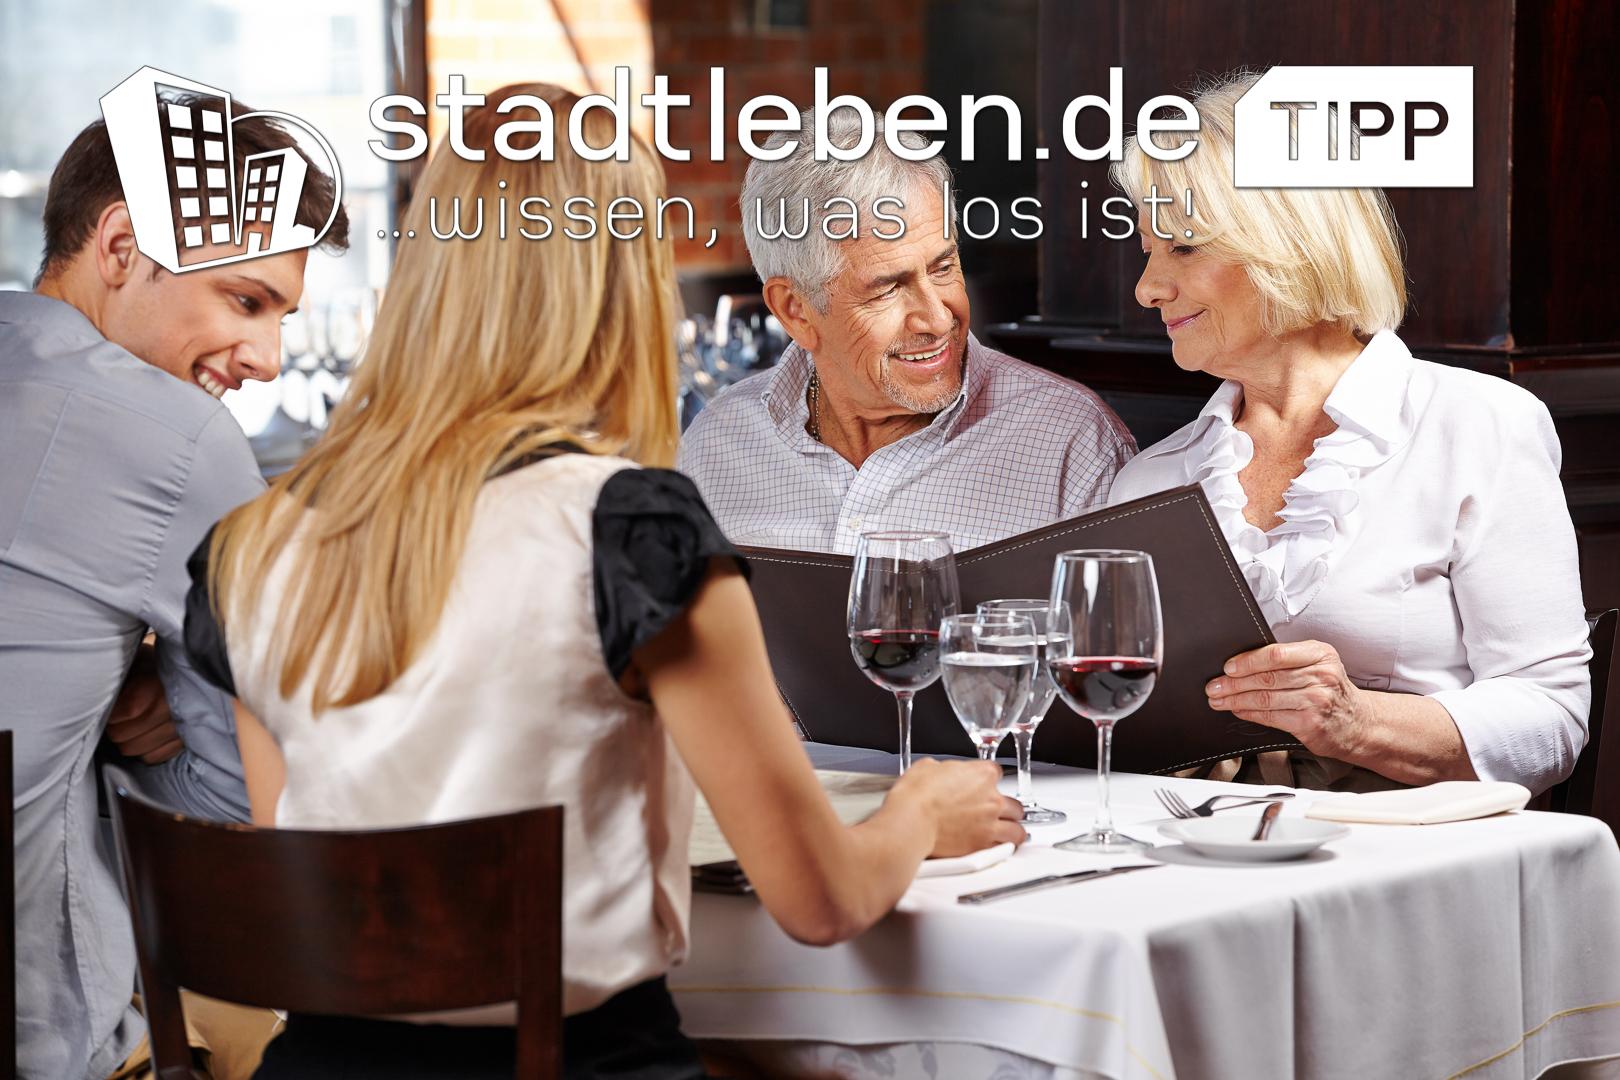 Wein, Ausgehen, Lokal, Tradition, Essen, Restaurant, Familie, Paar, heimisch